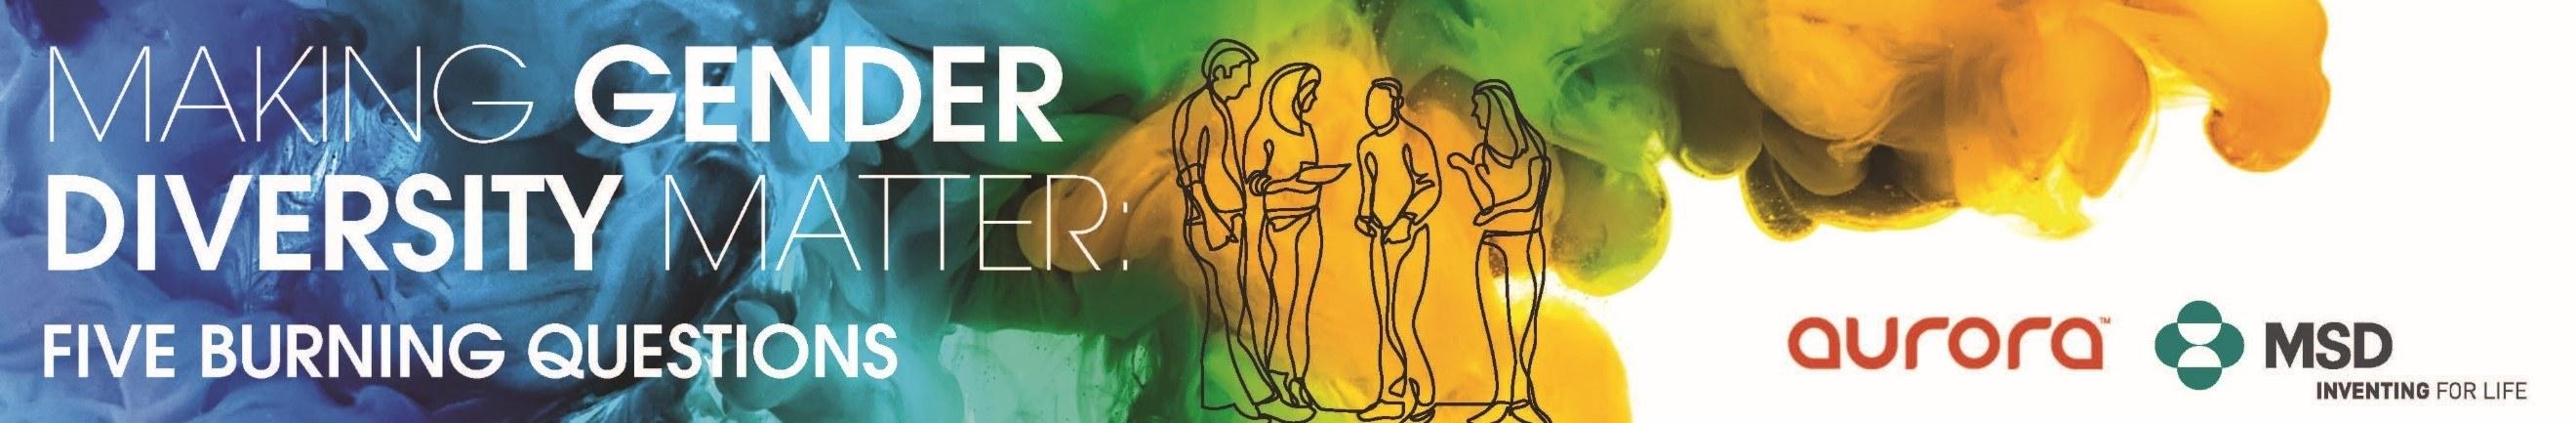 MSD gender diversity Designed header